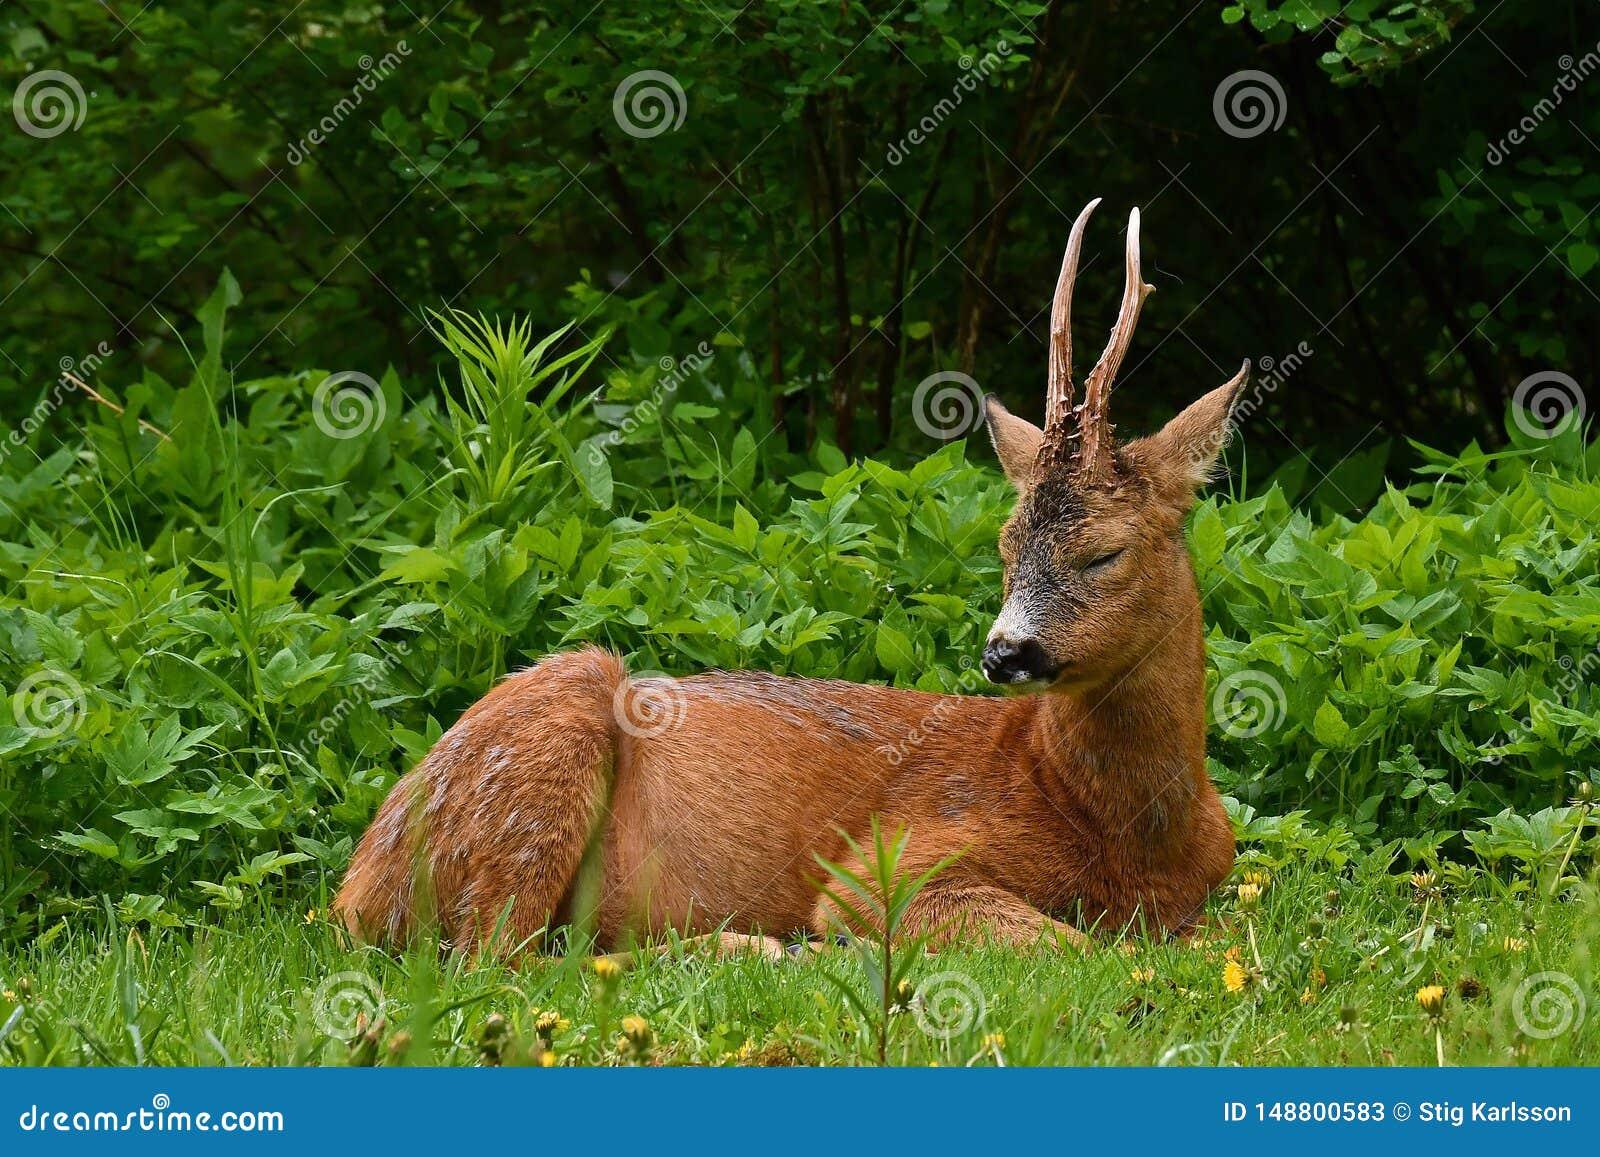 Mannelijk Roe Deer, Capreolus-capreolus ligt in rust een vroege ochtend